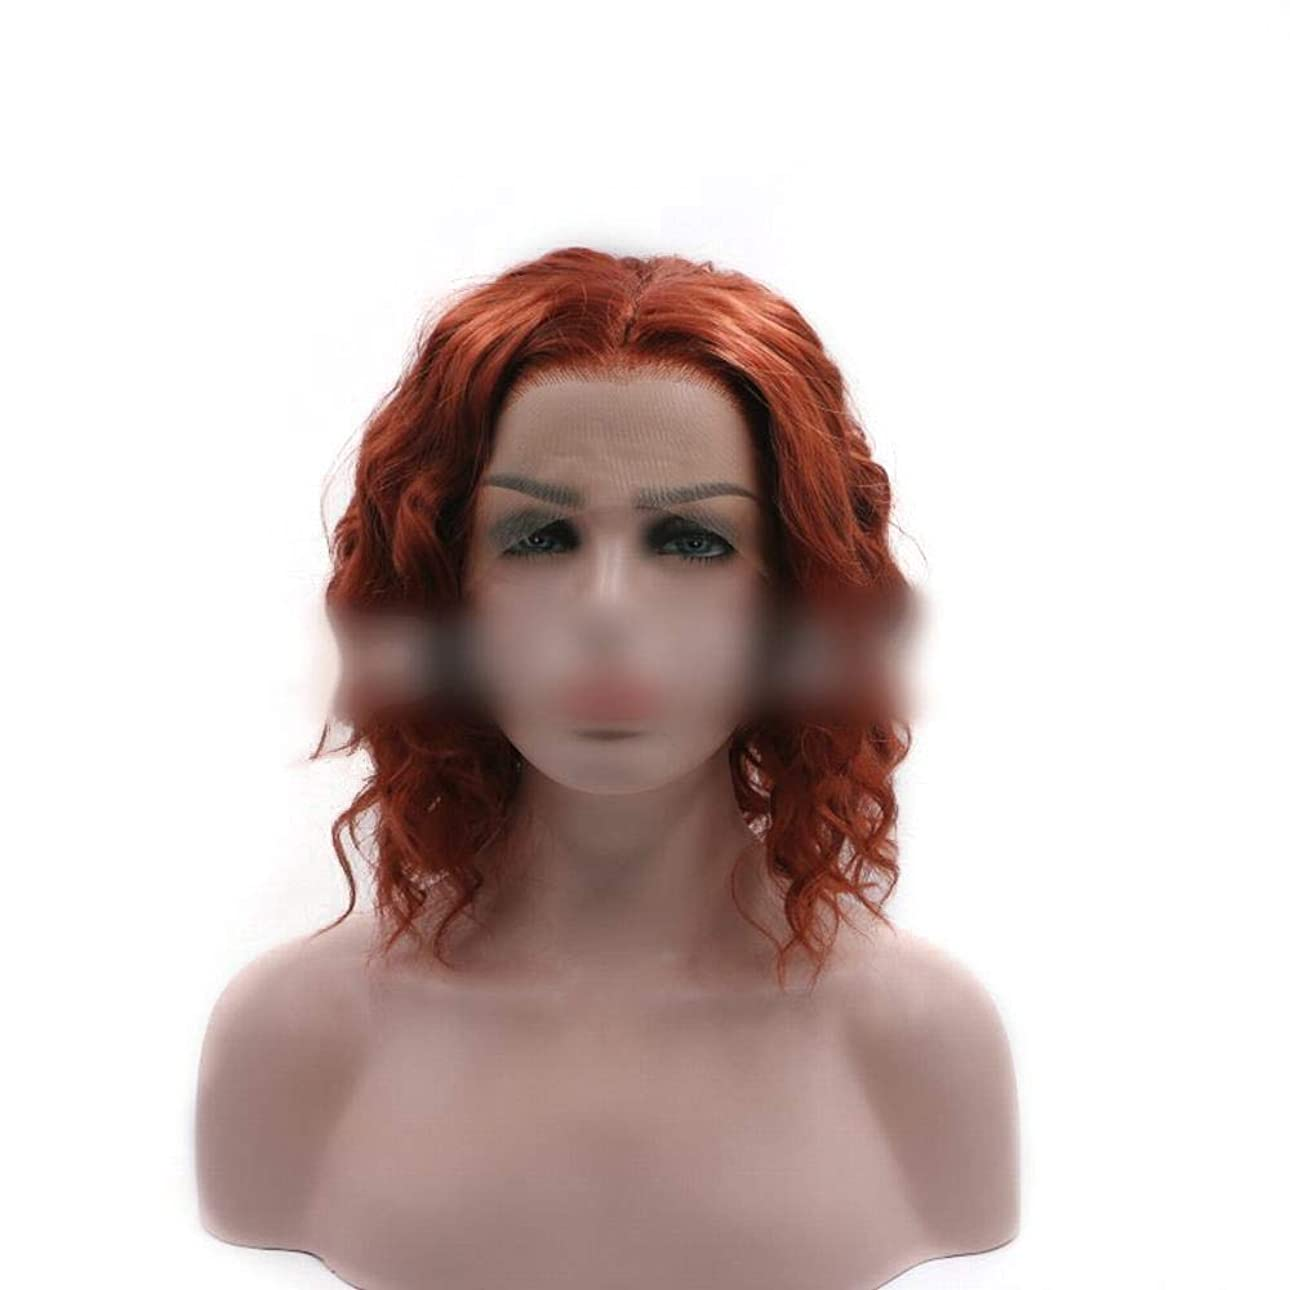 レルム温かい城Yrattary 女性のボボの短い巻き毛の人工的なレースの前部かつら合成の髪のレースのかつらロールプレイングかつら (色 : Photo Color)